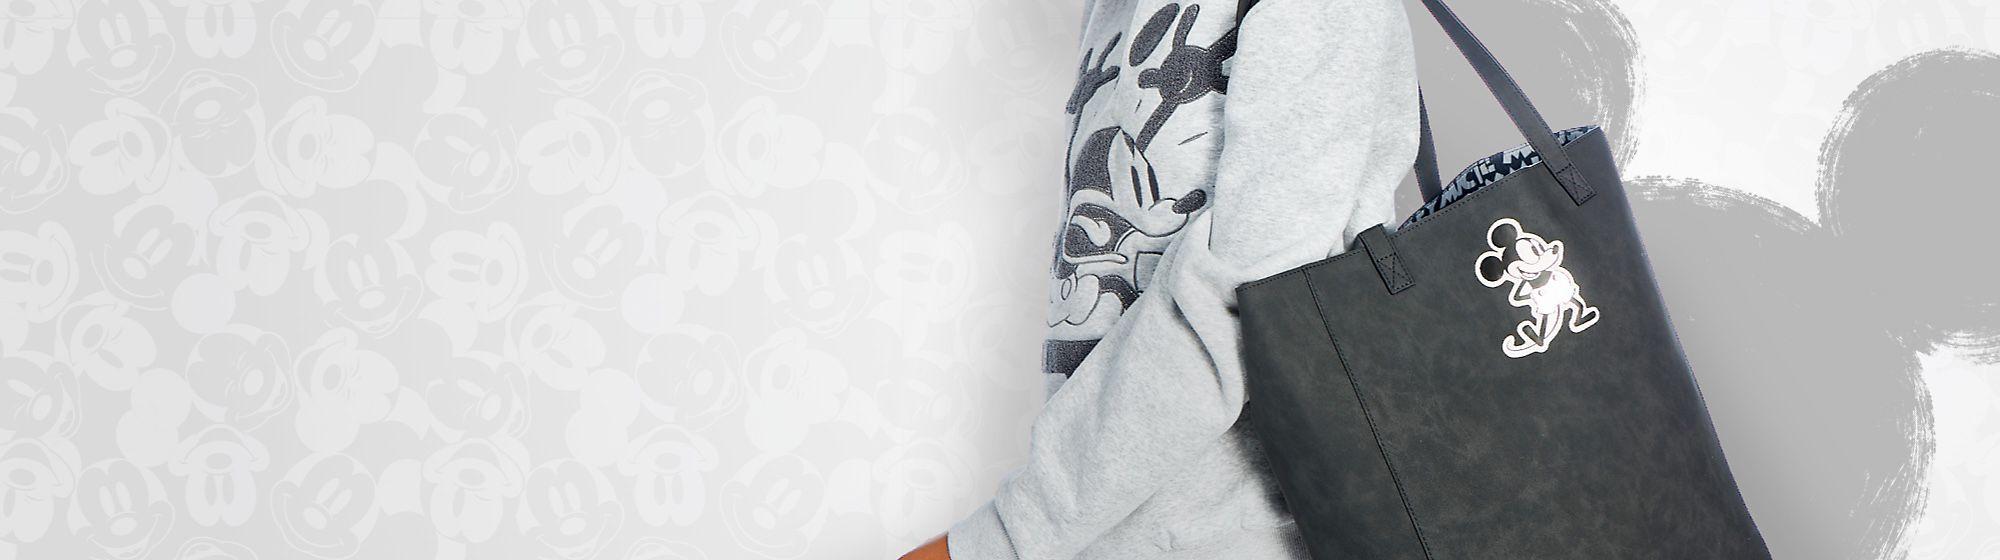 Sacs et Accessoires Complétez votre tenue en choisissant parmi les magnifiques sacs et accessoires pour femme à l'effigie de vos héros Disney favoris.